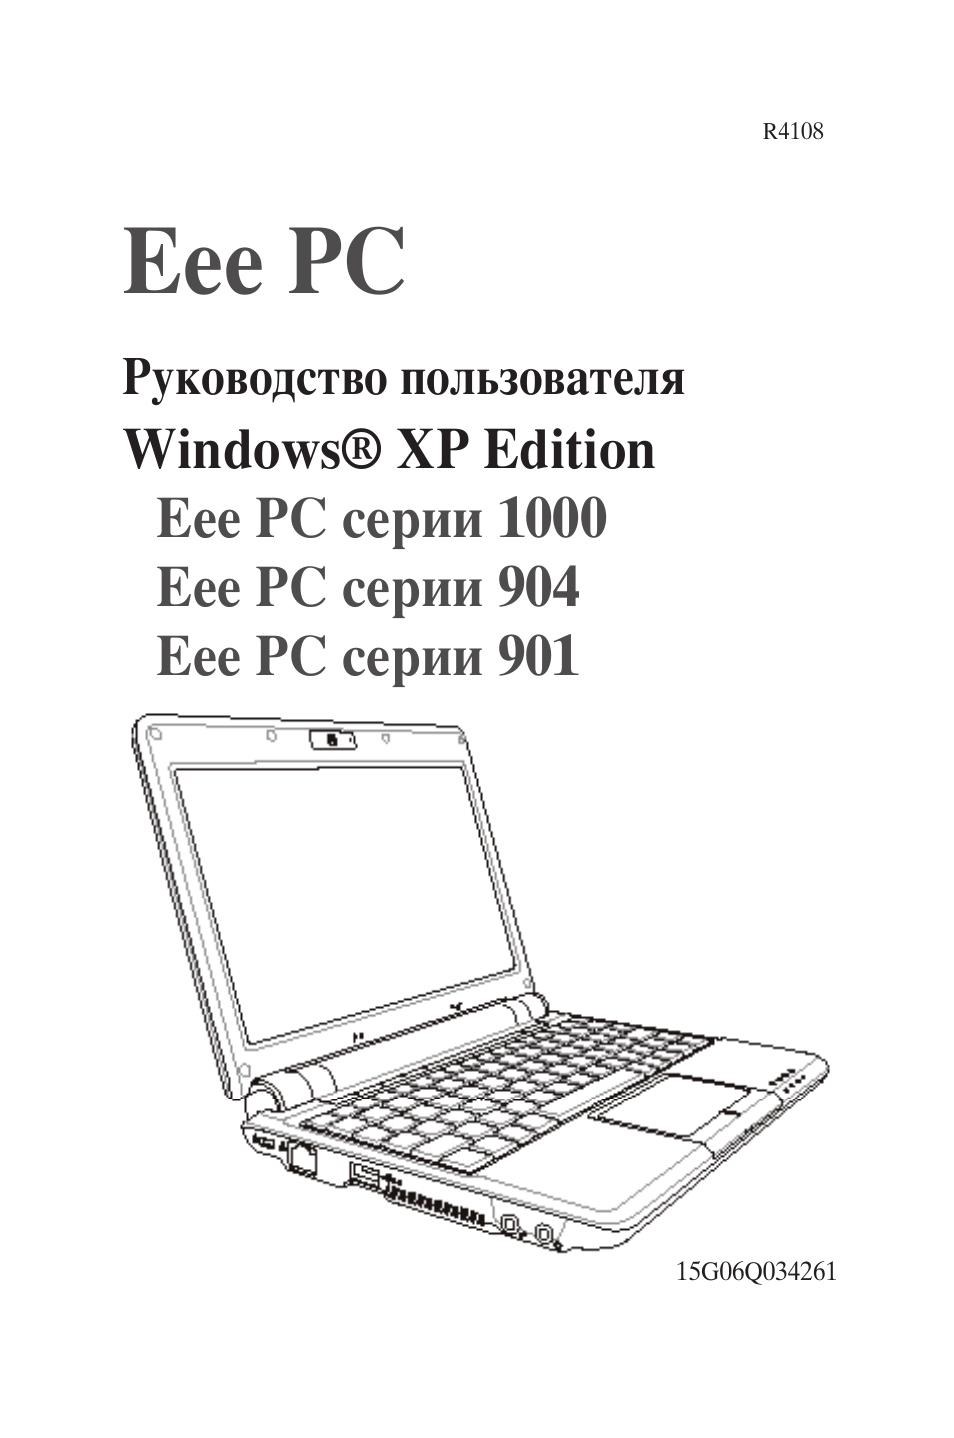 eee pc 901 service manual online user manual u2022 rh pandadigital co Asus Eee PC 1005HAB Asus Eee PC 900 Manual